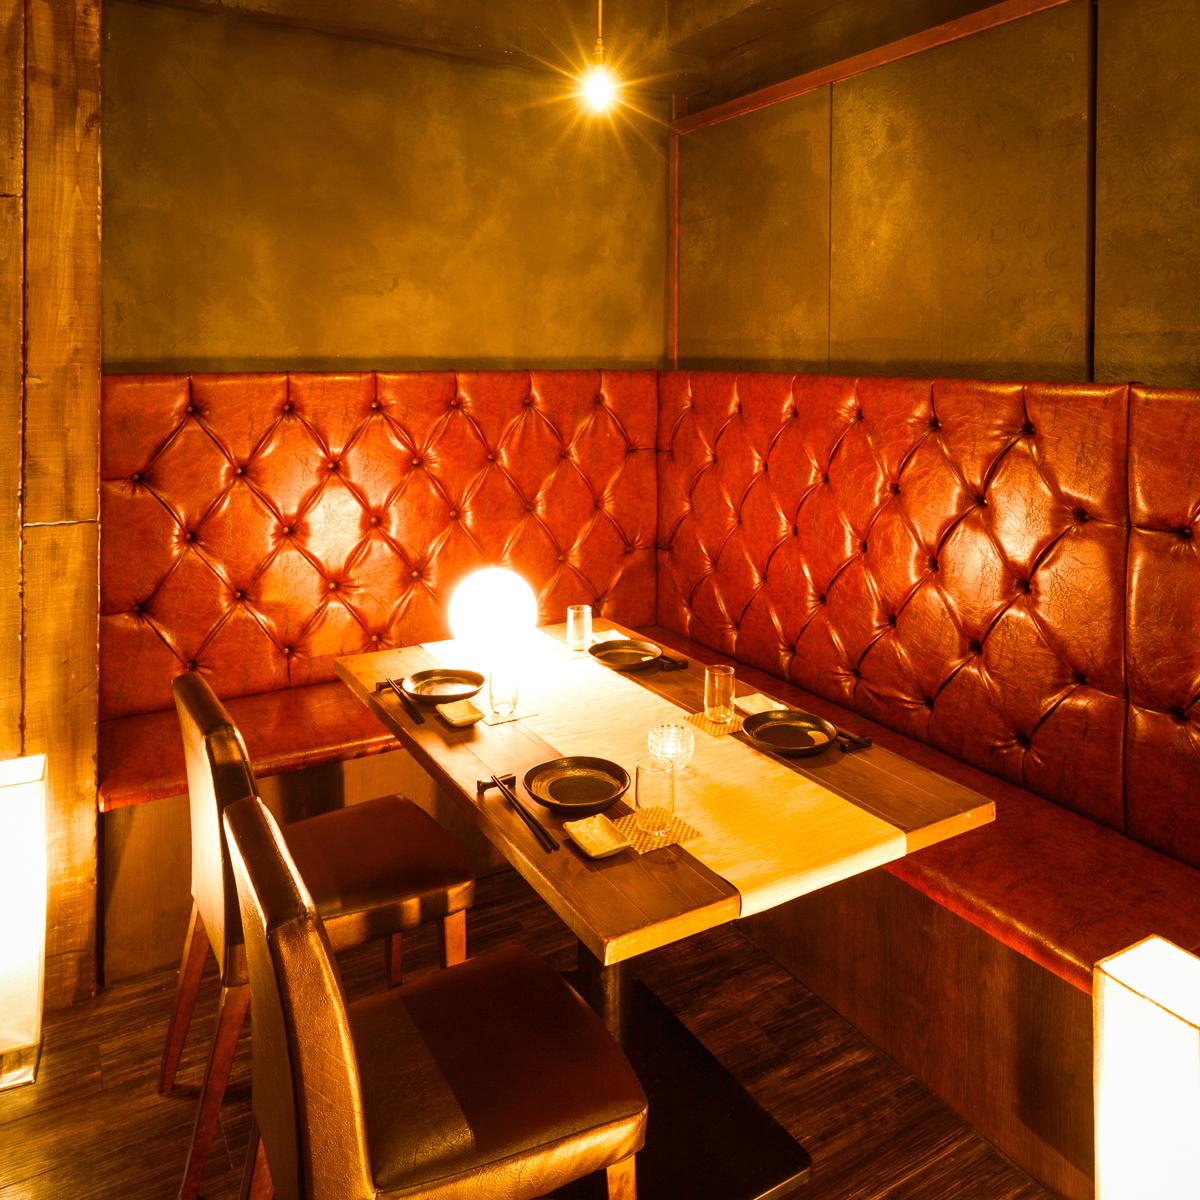 【2 명 ~ 20 명에 대응 가능】 여러분이 나란히 가능한 한쪽 소파 좌석입니다 주점 분위기를 즐기며 식사와 음료를 입맛 본점 스탠다드 좌석으로되어 있습니다.